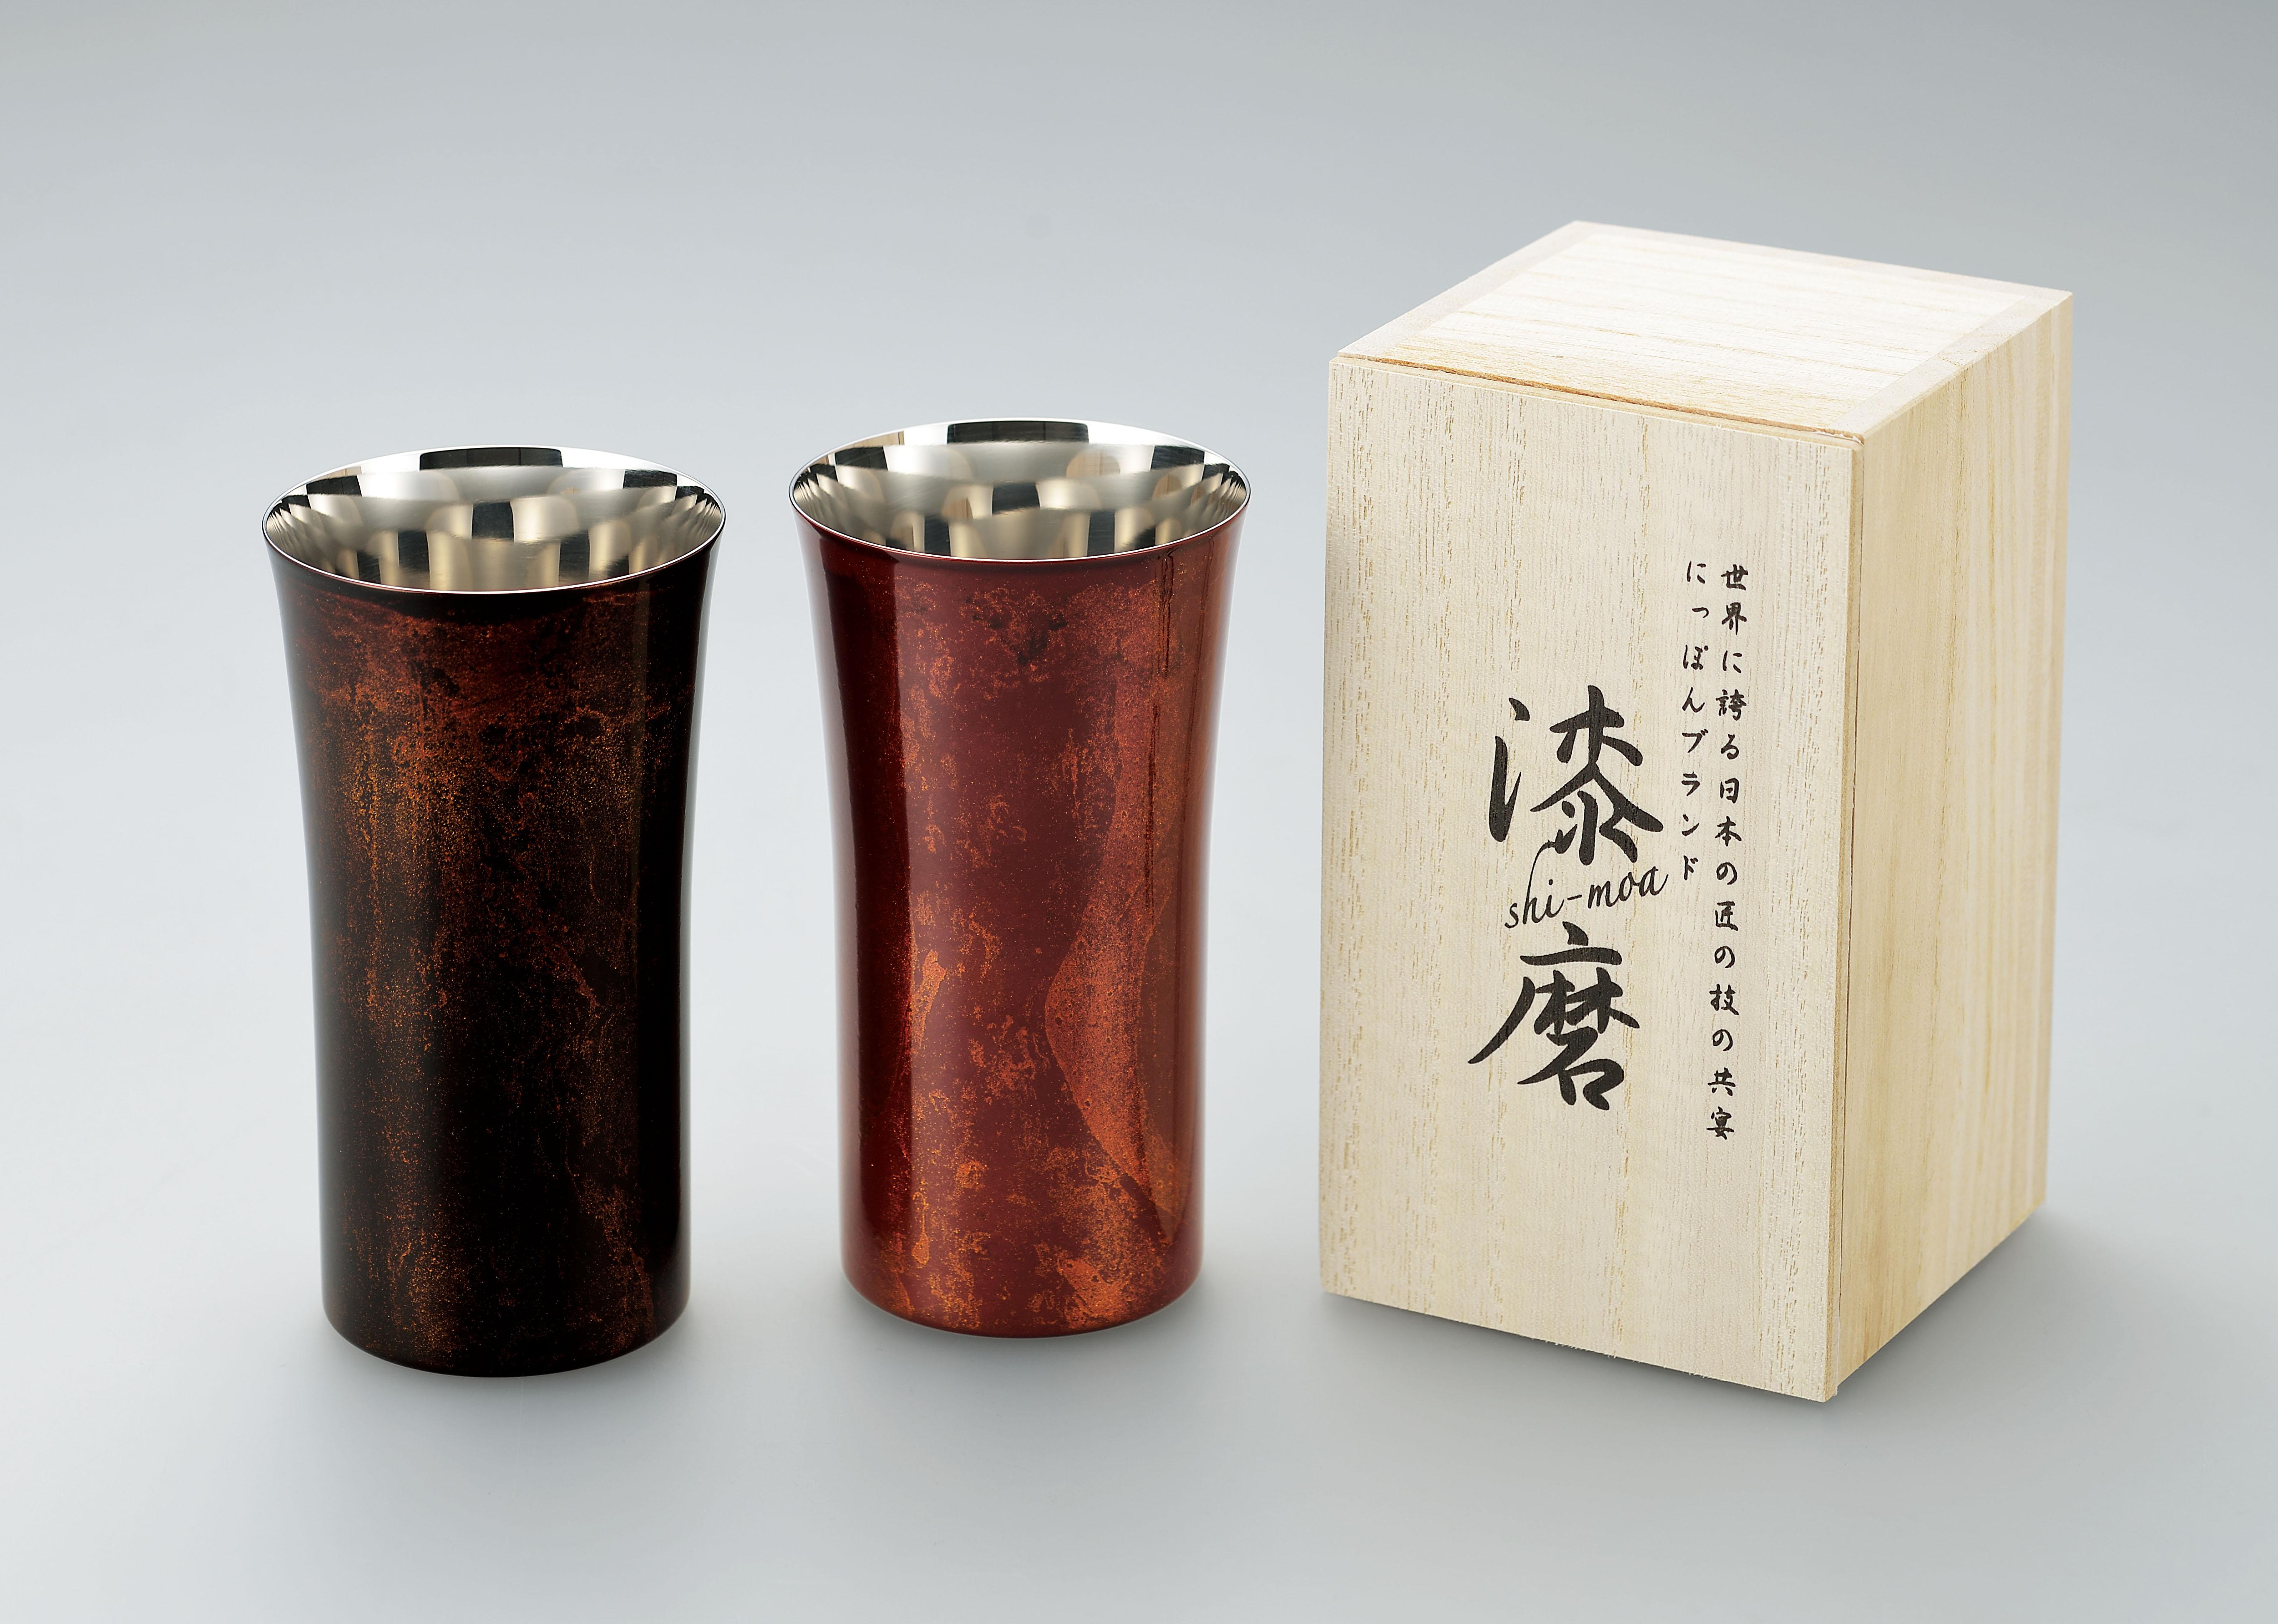 【日本製】 漆磨(シーマ) 本漆塗りシングルカップ Sサイズ 1客(赤/黒)